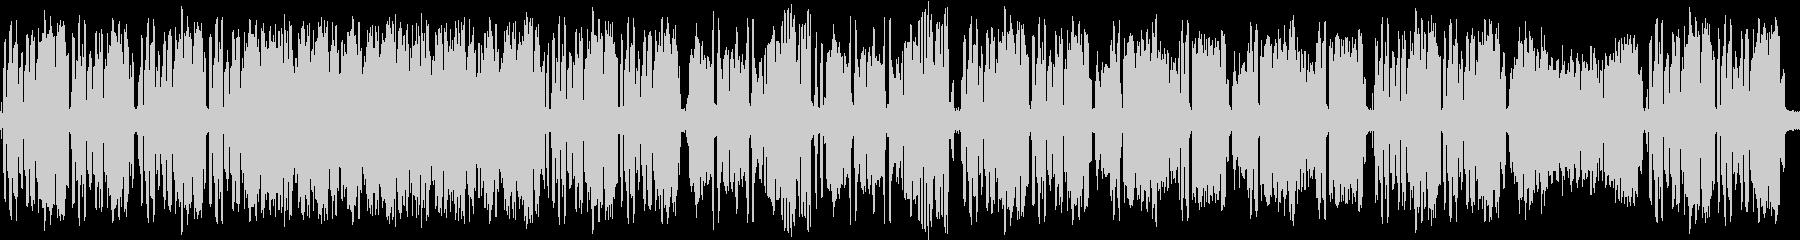 古いラジオ・ピエロ・道化・大正・レトロの未再生の波形